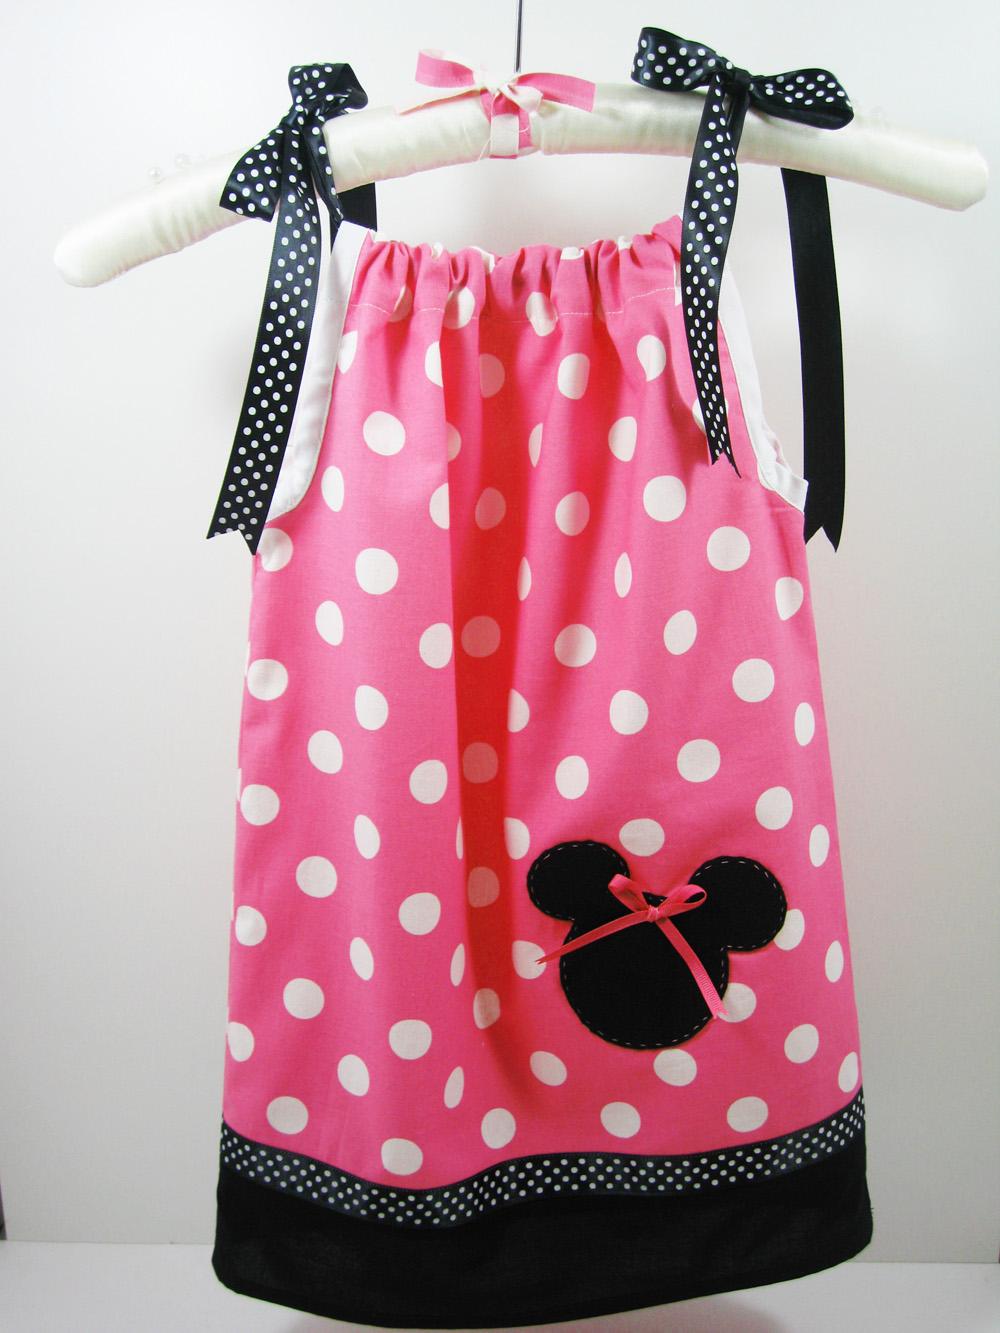 Bellarageous Minnie Mouse Pillowcase Dress